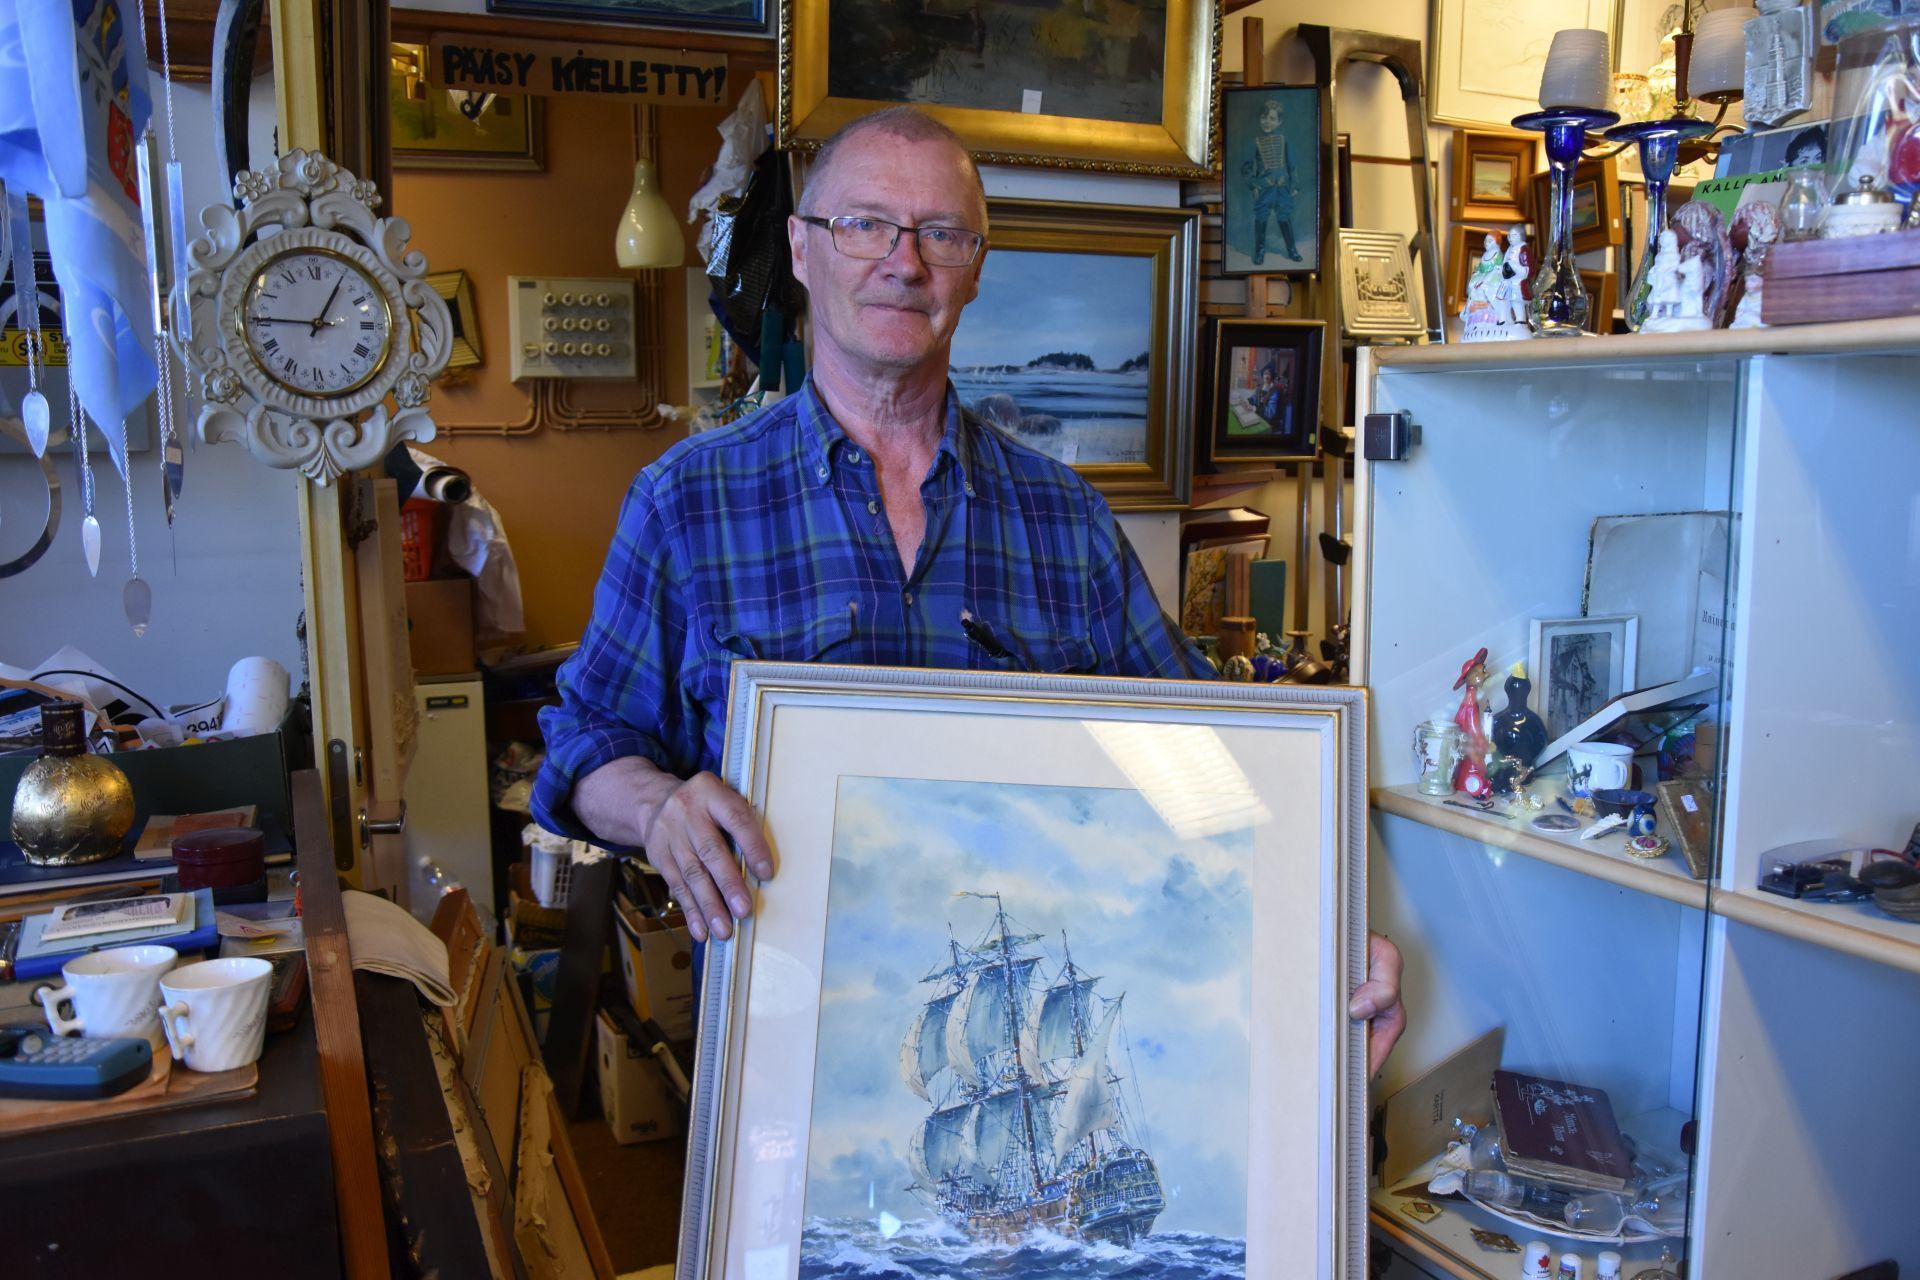 En man står i en affär med hyllor fyllda av prydnadsföremål och i bakgrunden hänger tavlor. I handen har mannen en tavla av ett skepp.